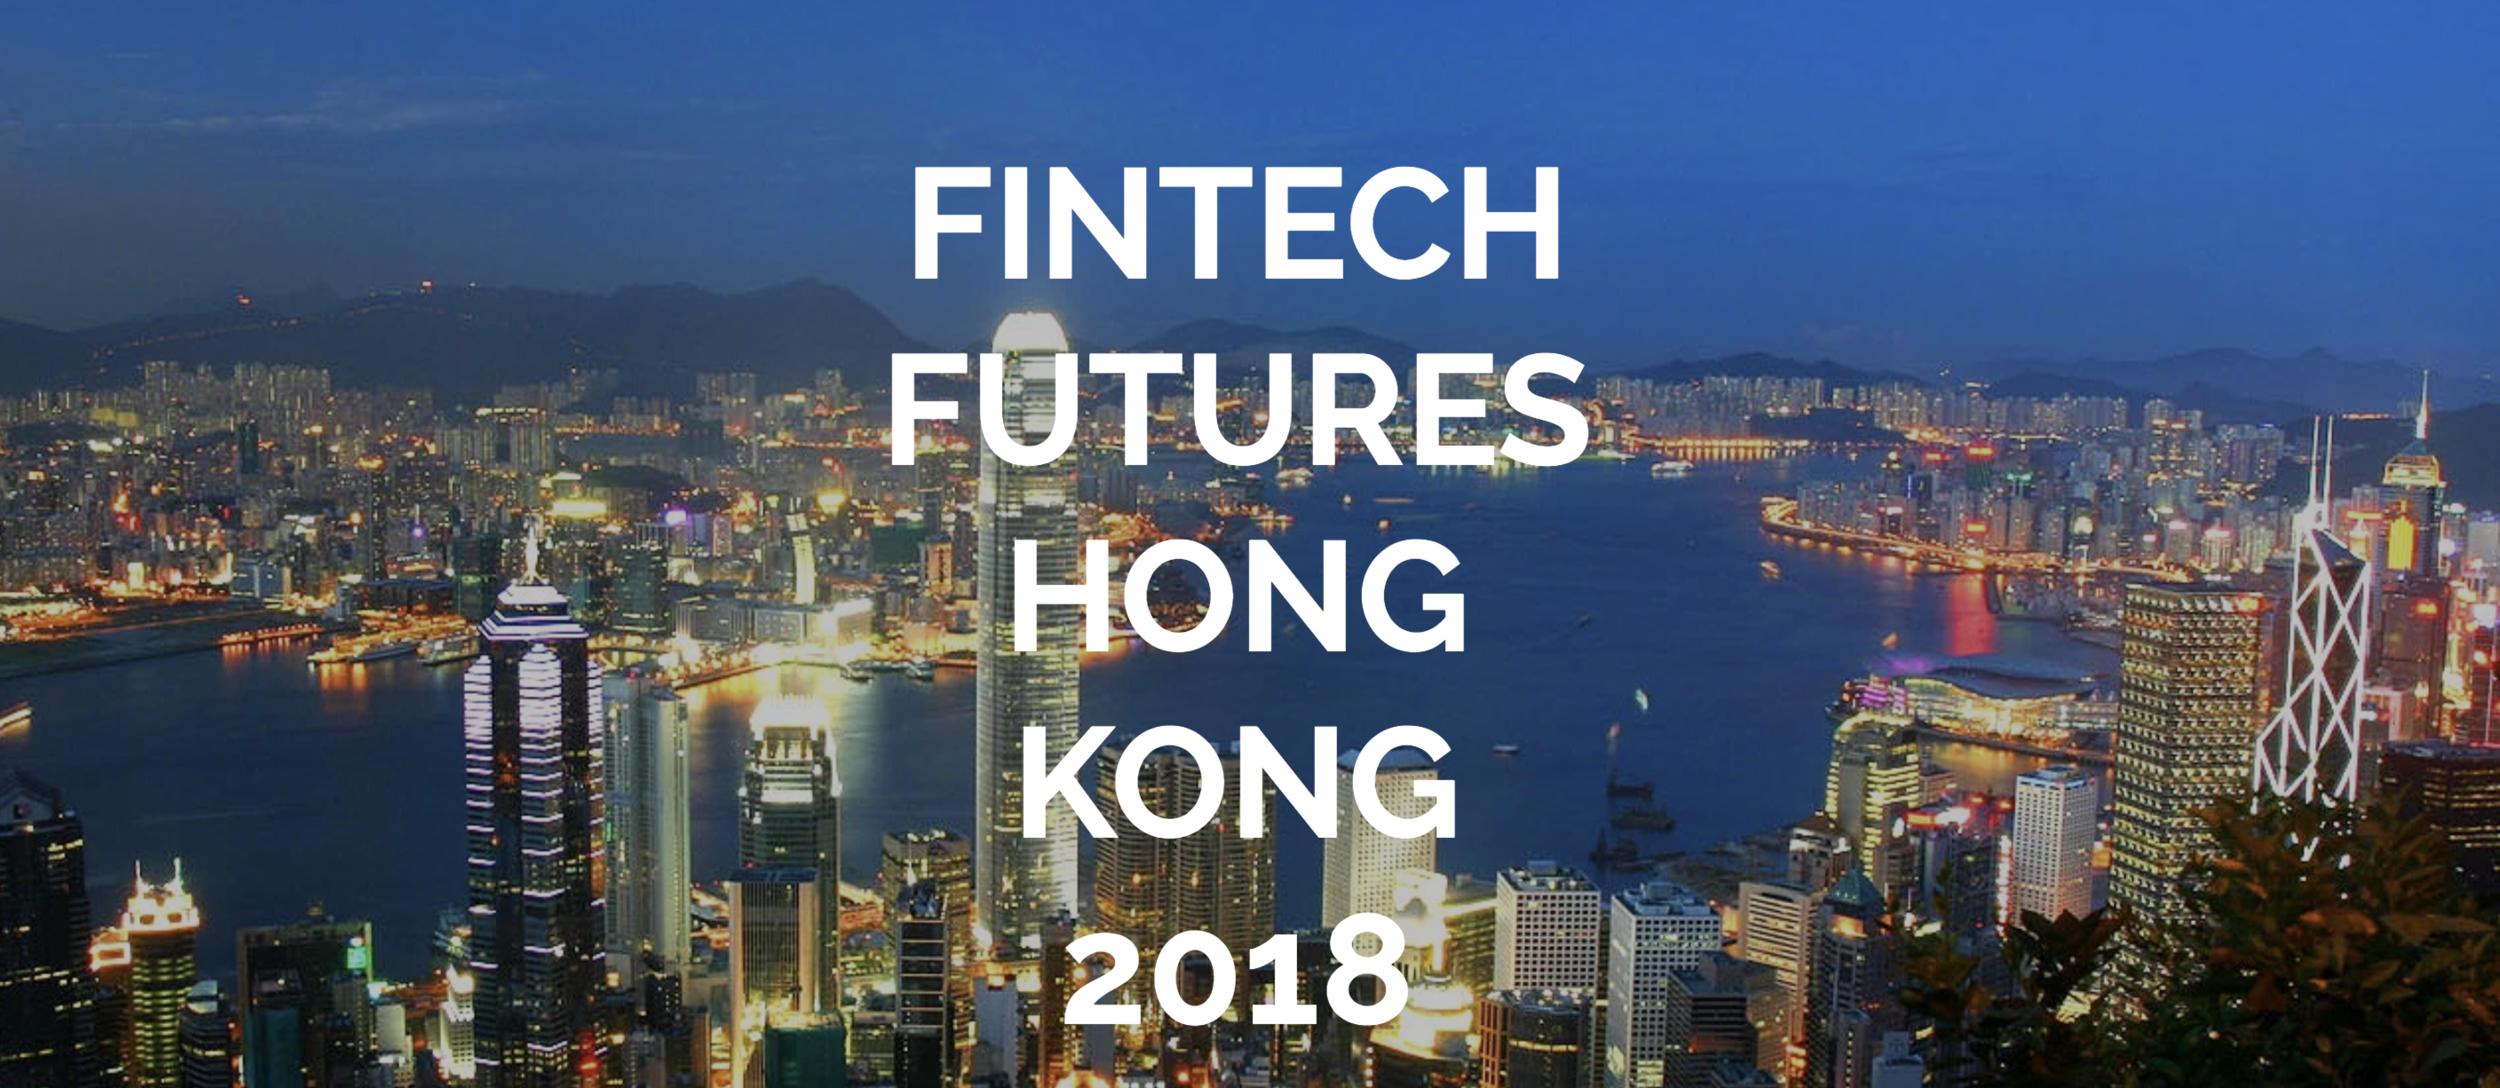 Fintech futures HK 2018.jpg